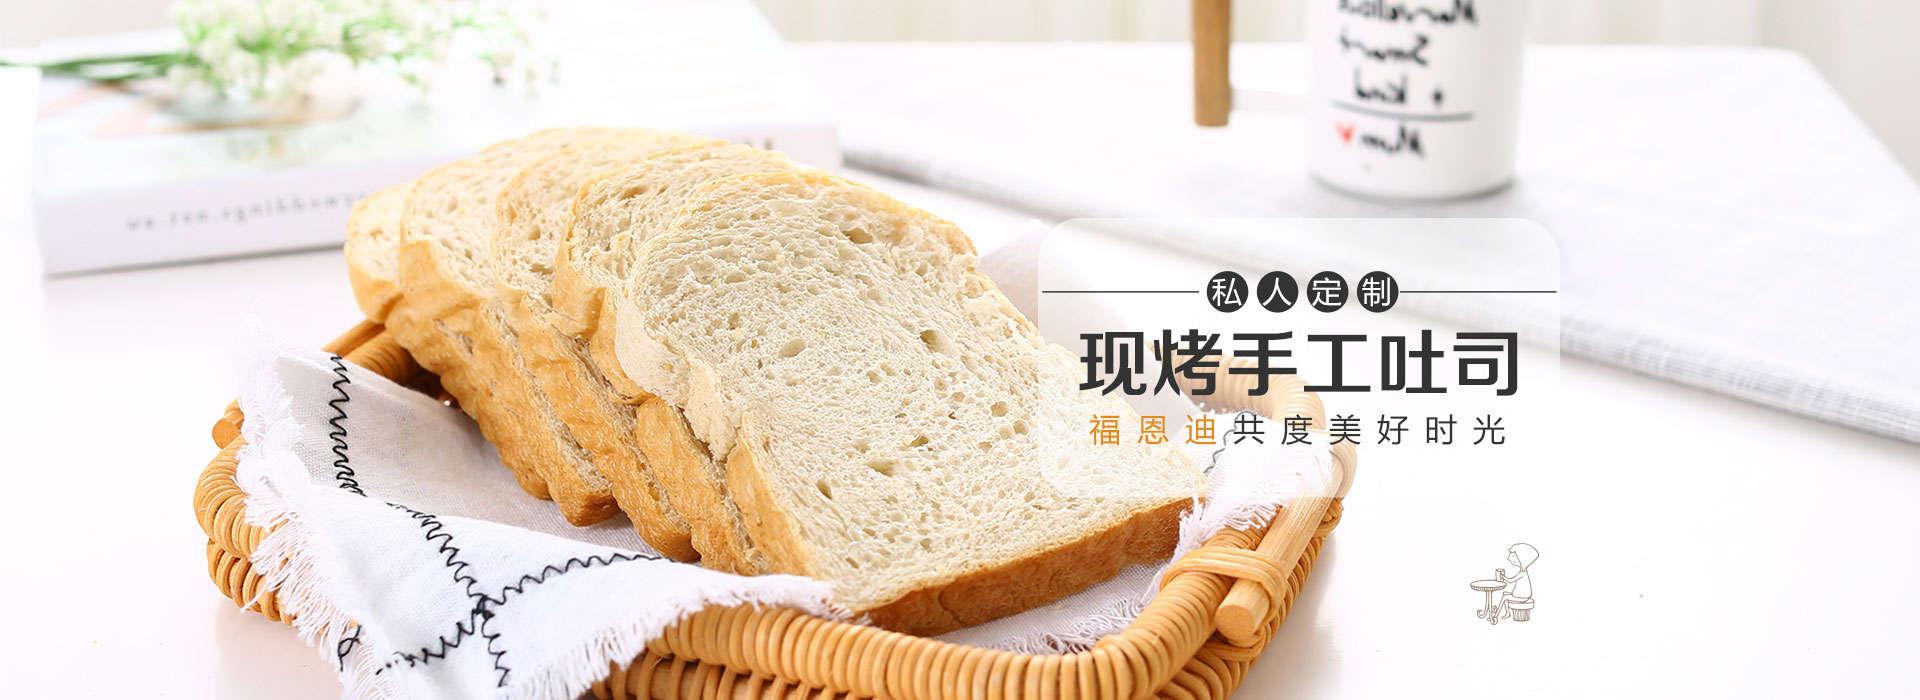 福恩迪现烤吐司_昌启蛋糕面包加盟